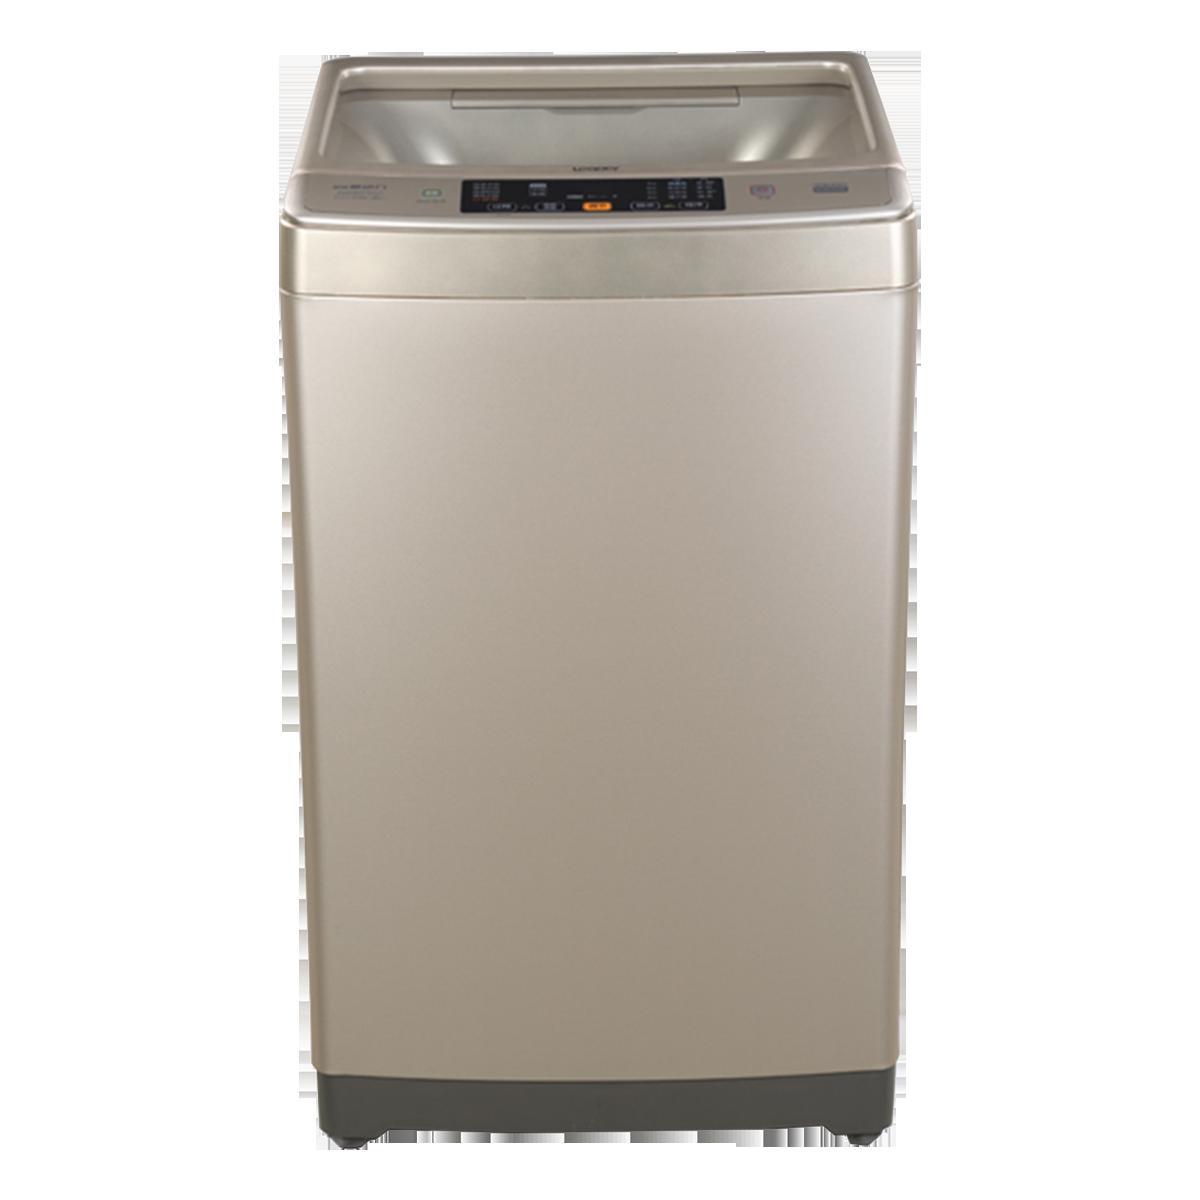 海尔Haier洗衣机 EMB85BDS9GU1 说明书